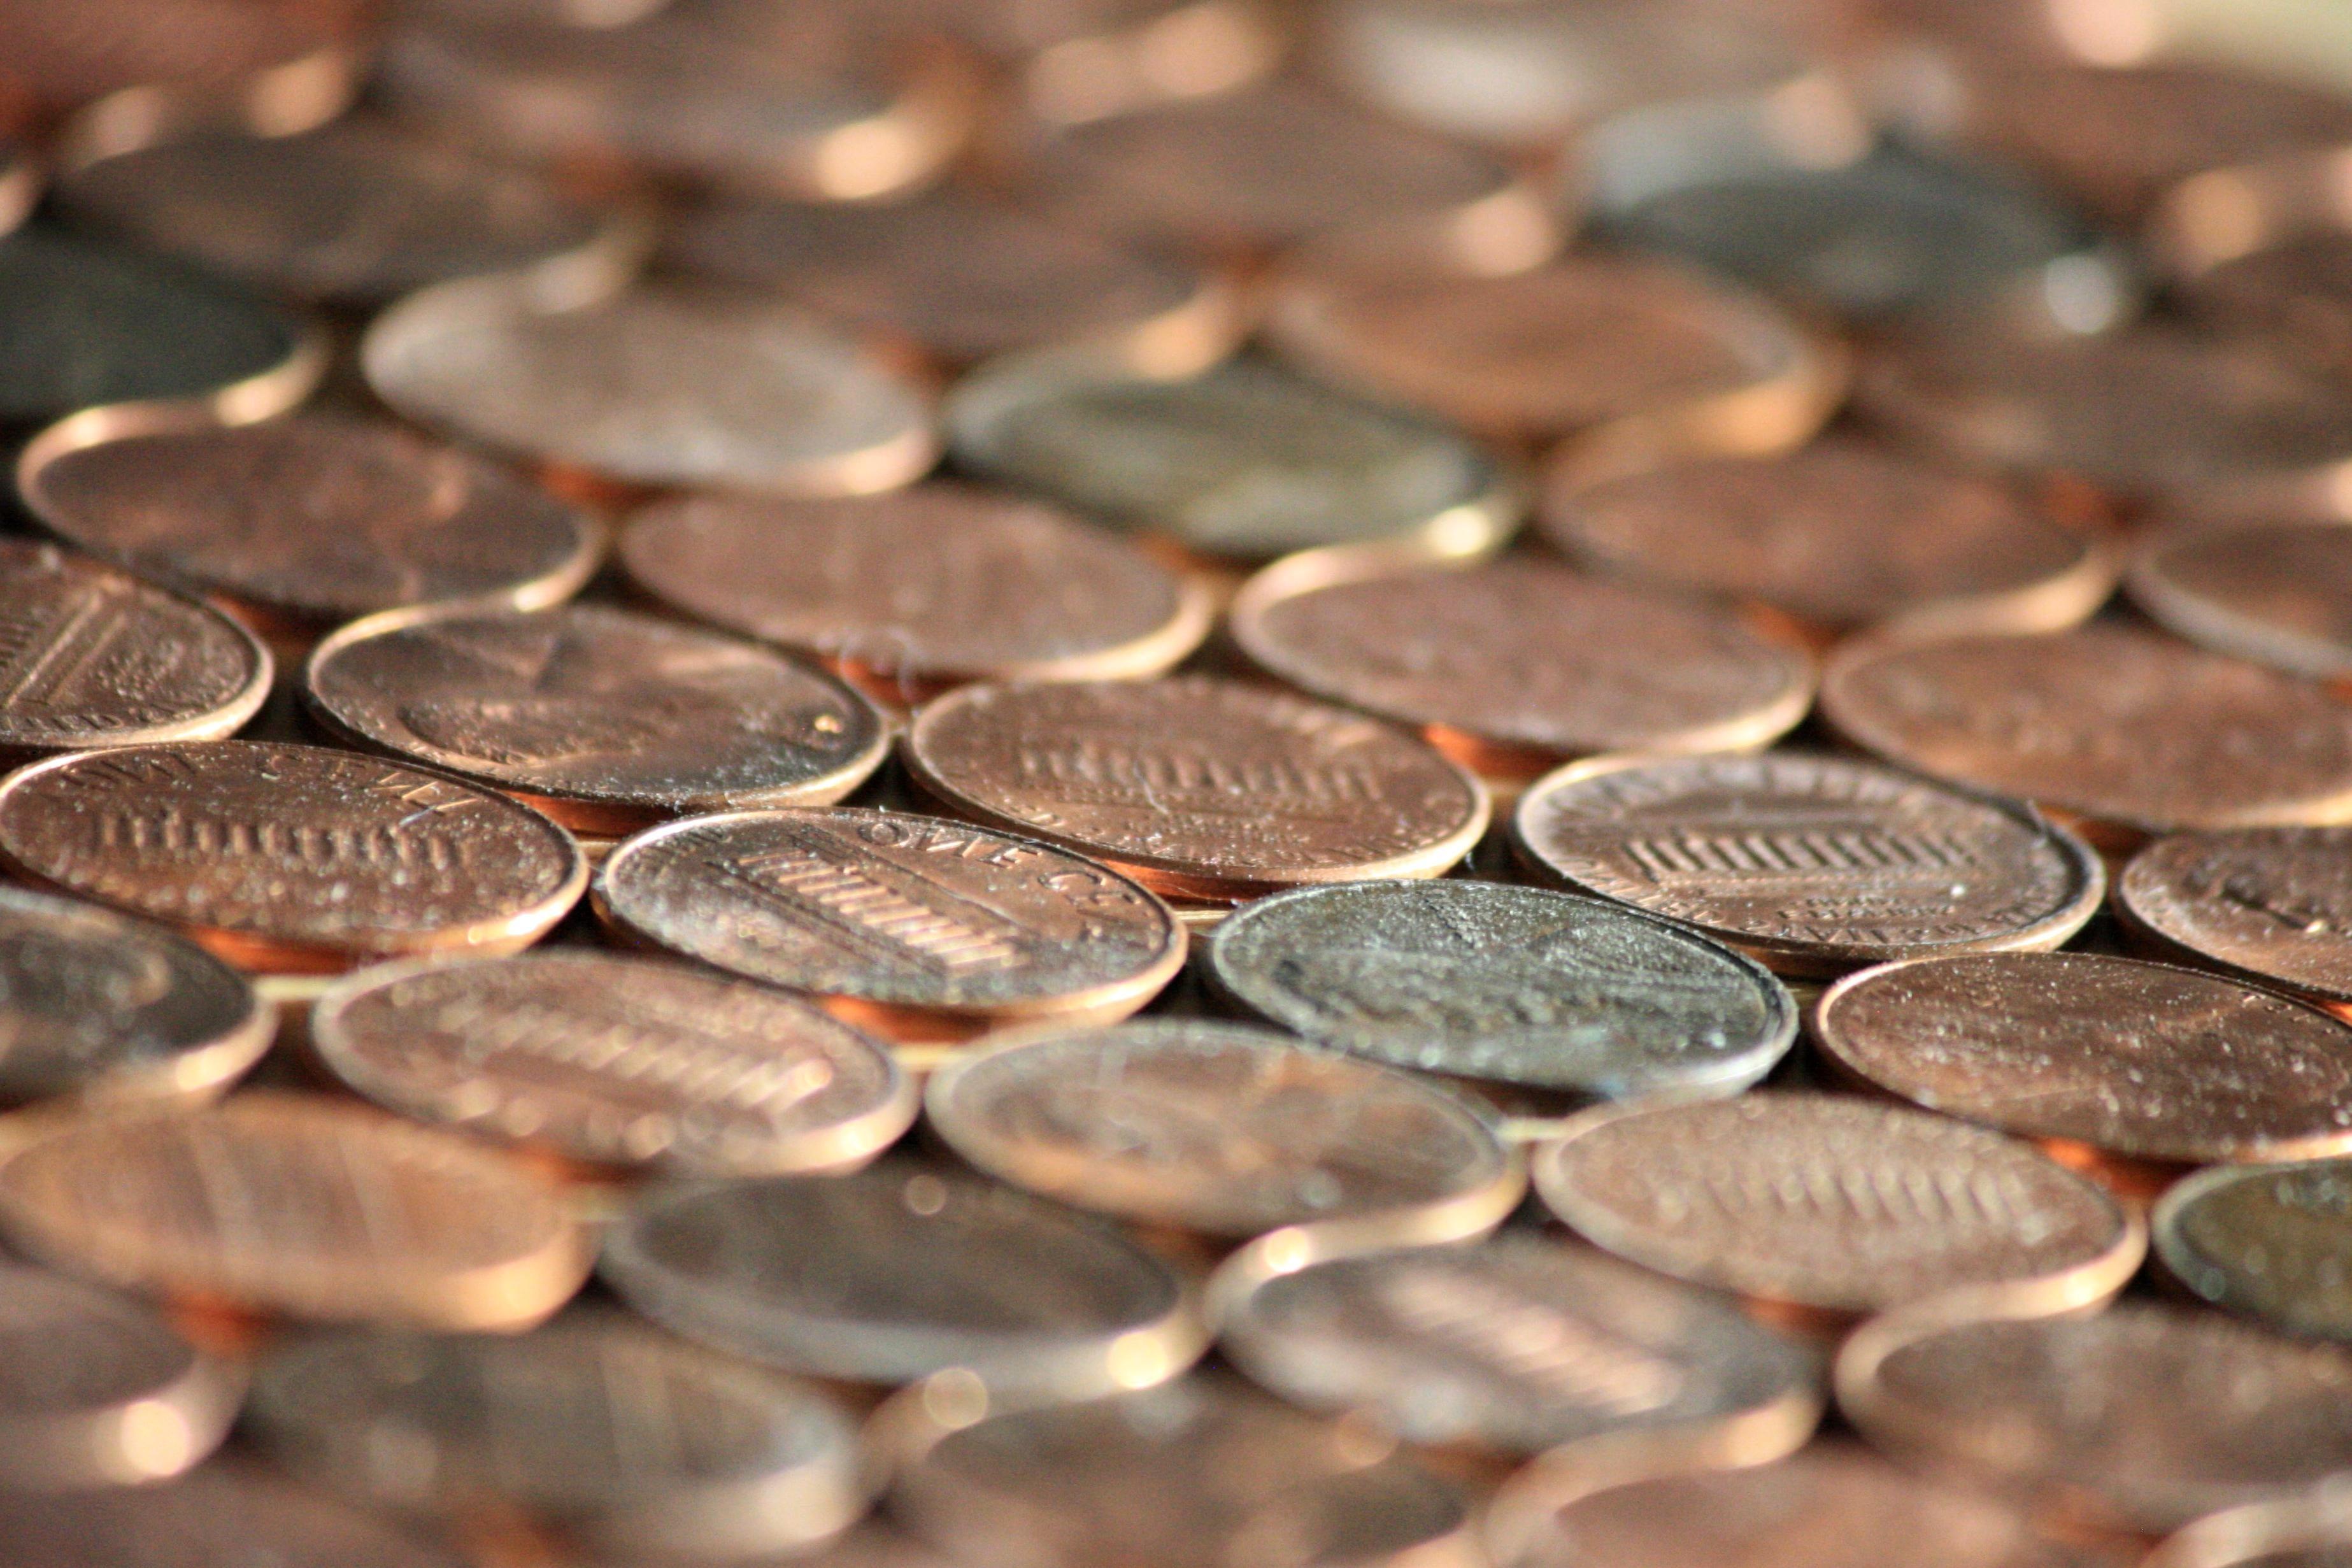 картинка монет много бывают маленькие душевые